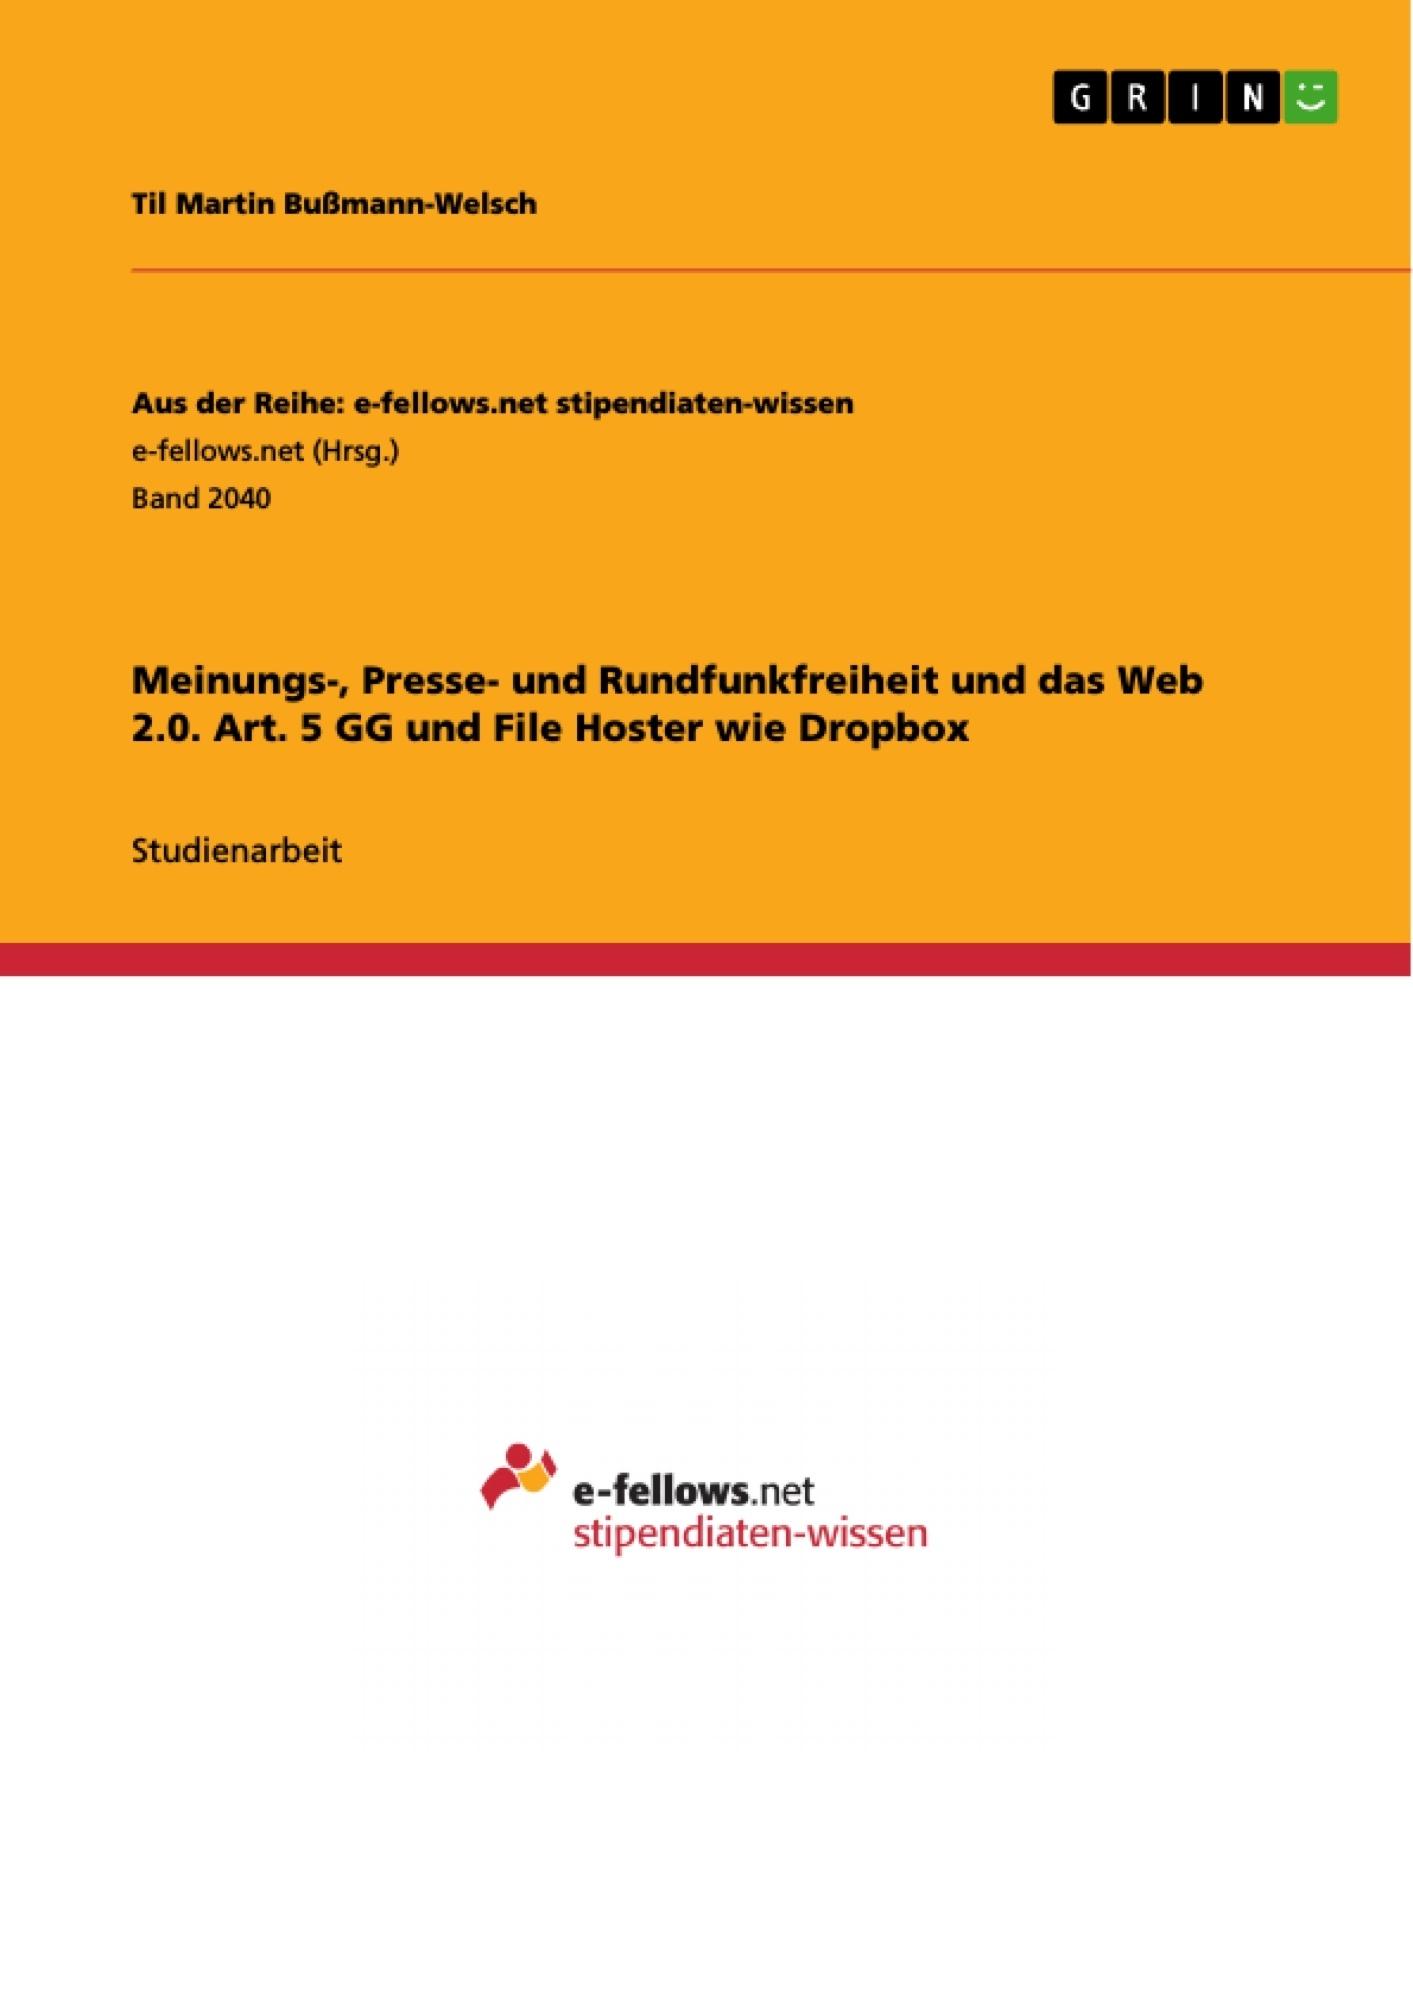 Titel: Meinungs-, Presse- und Rundfunkfreiheit und das Web 2.0. Art. 5 GG und File Hoster wie Dropbox